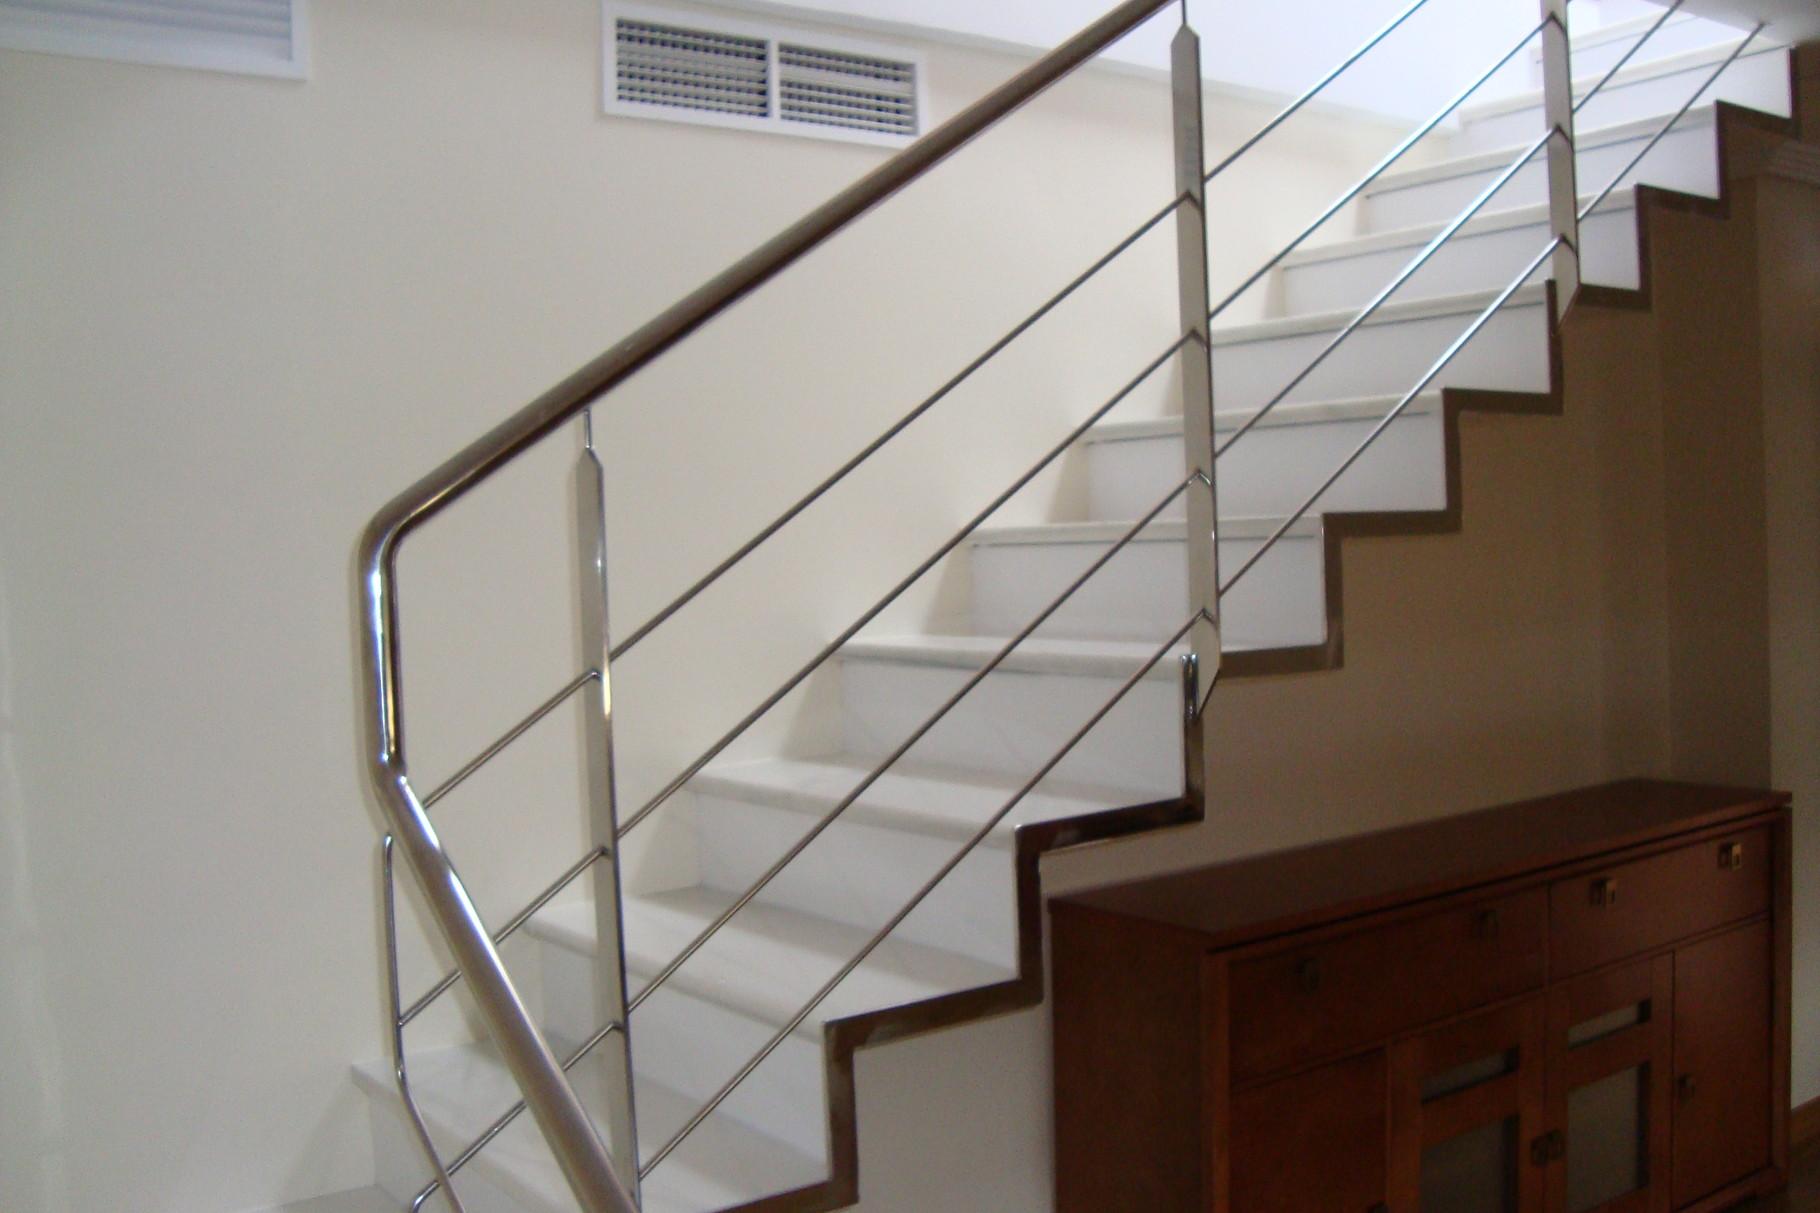 Escaleras Metalicas Of Escaleras Laravid Escaleras En Acero Trabajos En Acero